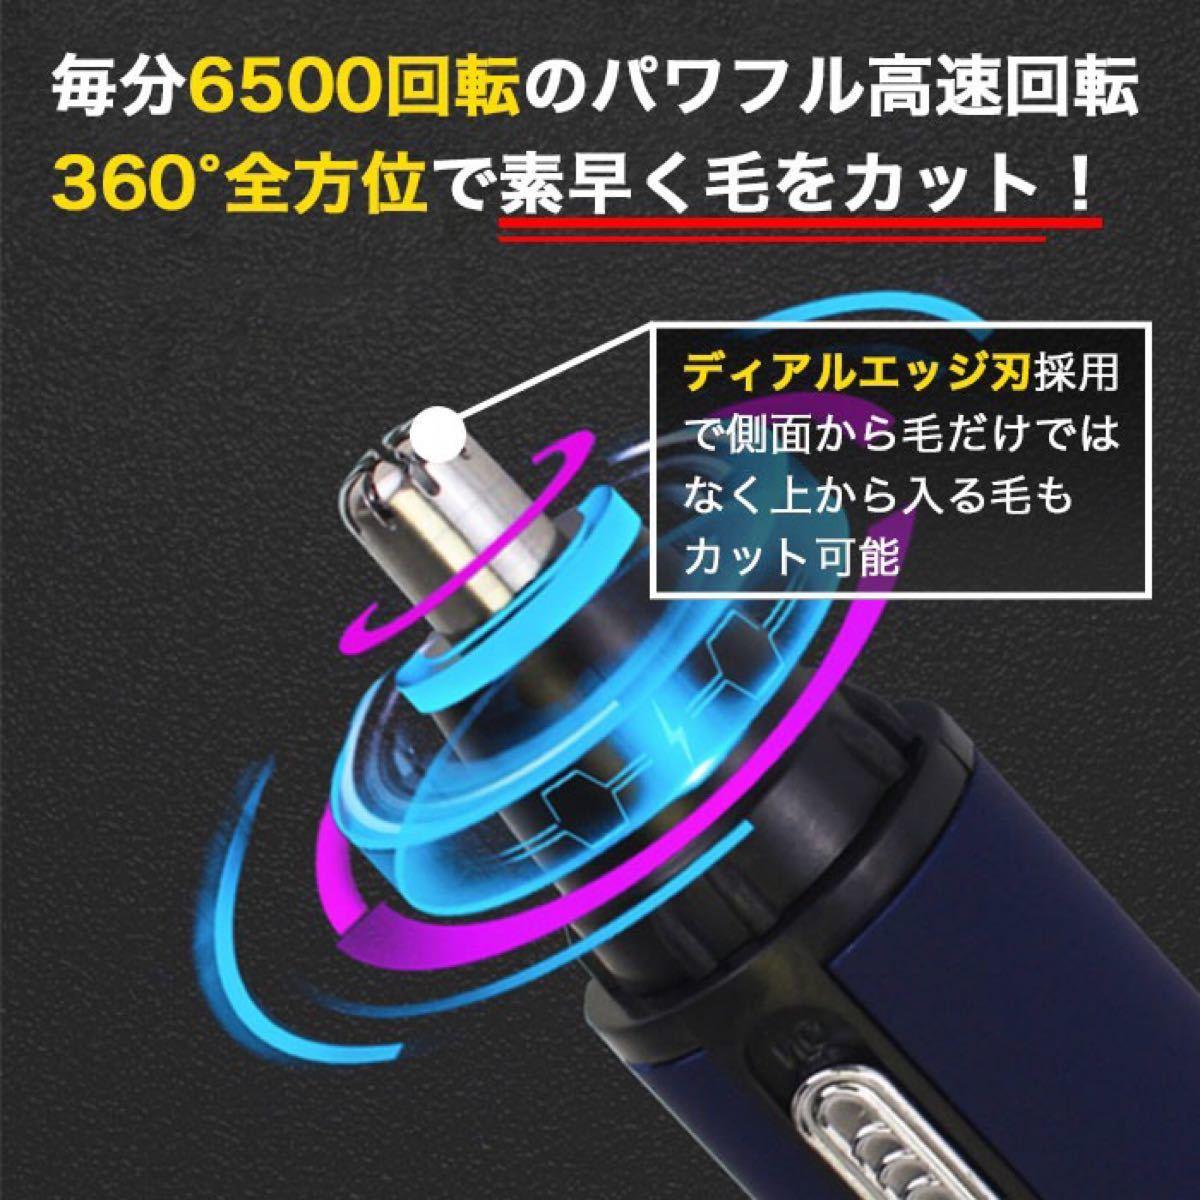 鼻毛カッター 充電式 エチケットカッターUSB 女性 男性 水洗い可